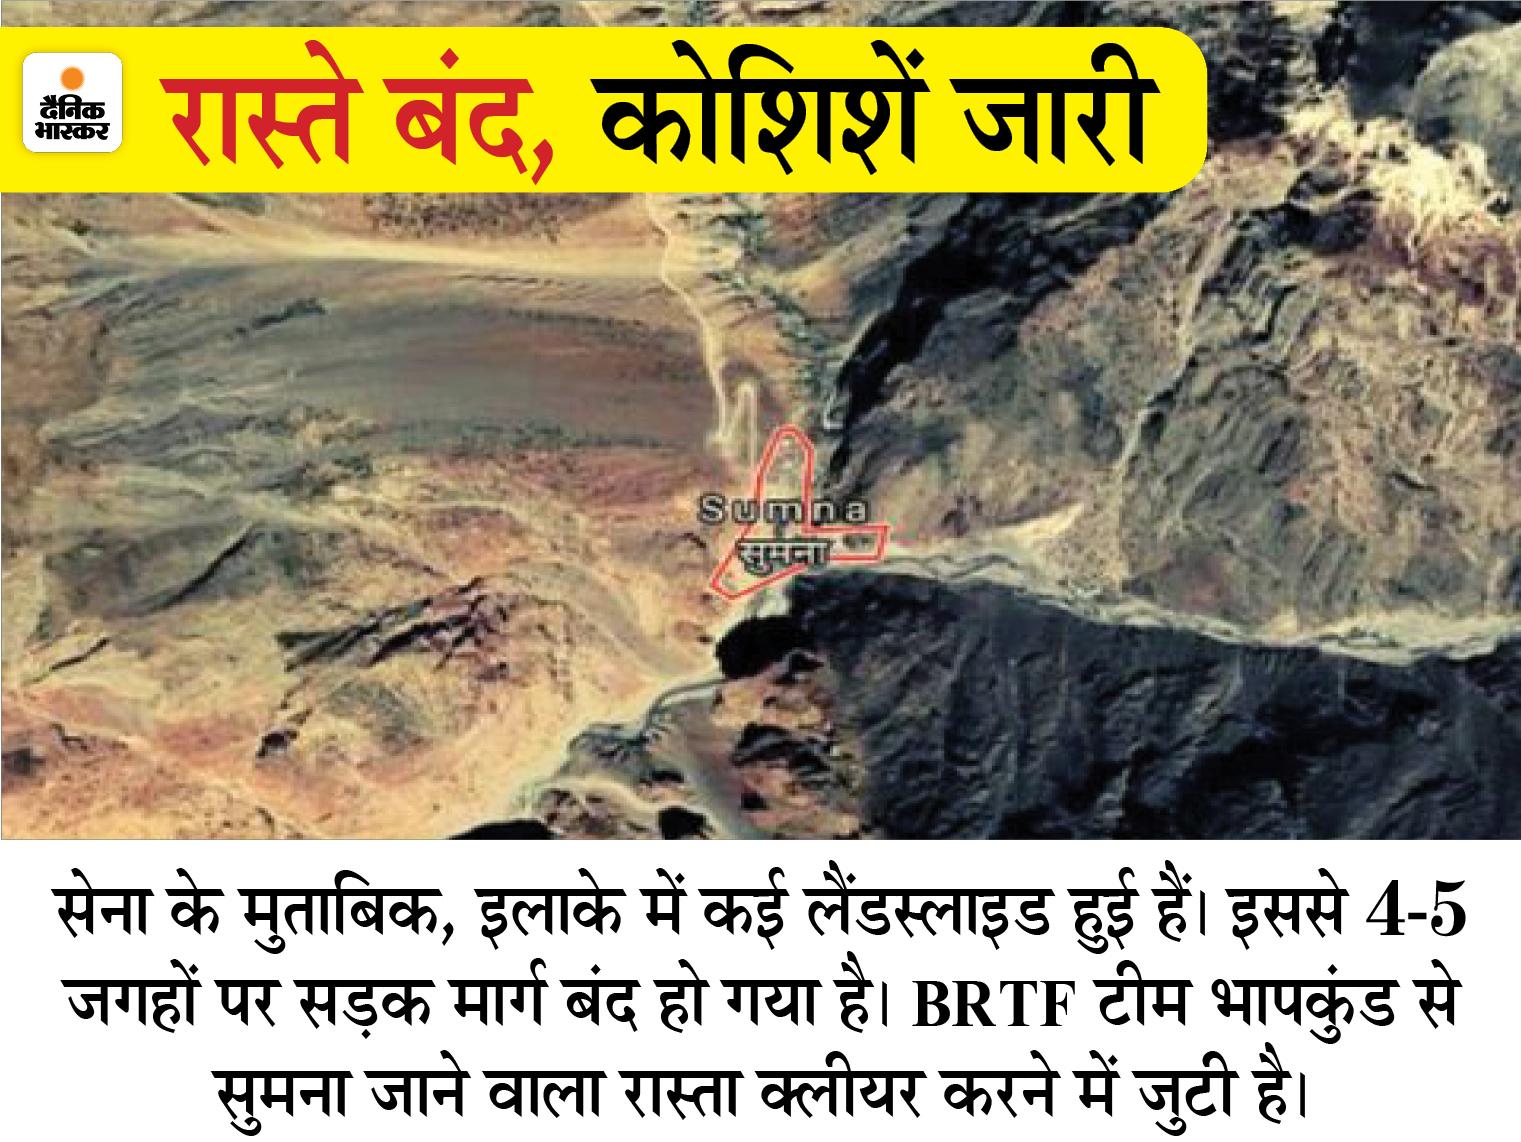 मरने वालों की संख्या 10 हुई, रेस्क्यू में जुटी सेना ने 384 को बचाया, 6 की हालत गंभीर; मौसम विभाग ने आज आंधी-बारिश की चेतावनी जारी की|देश,National - Dainik Bhaskar